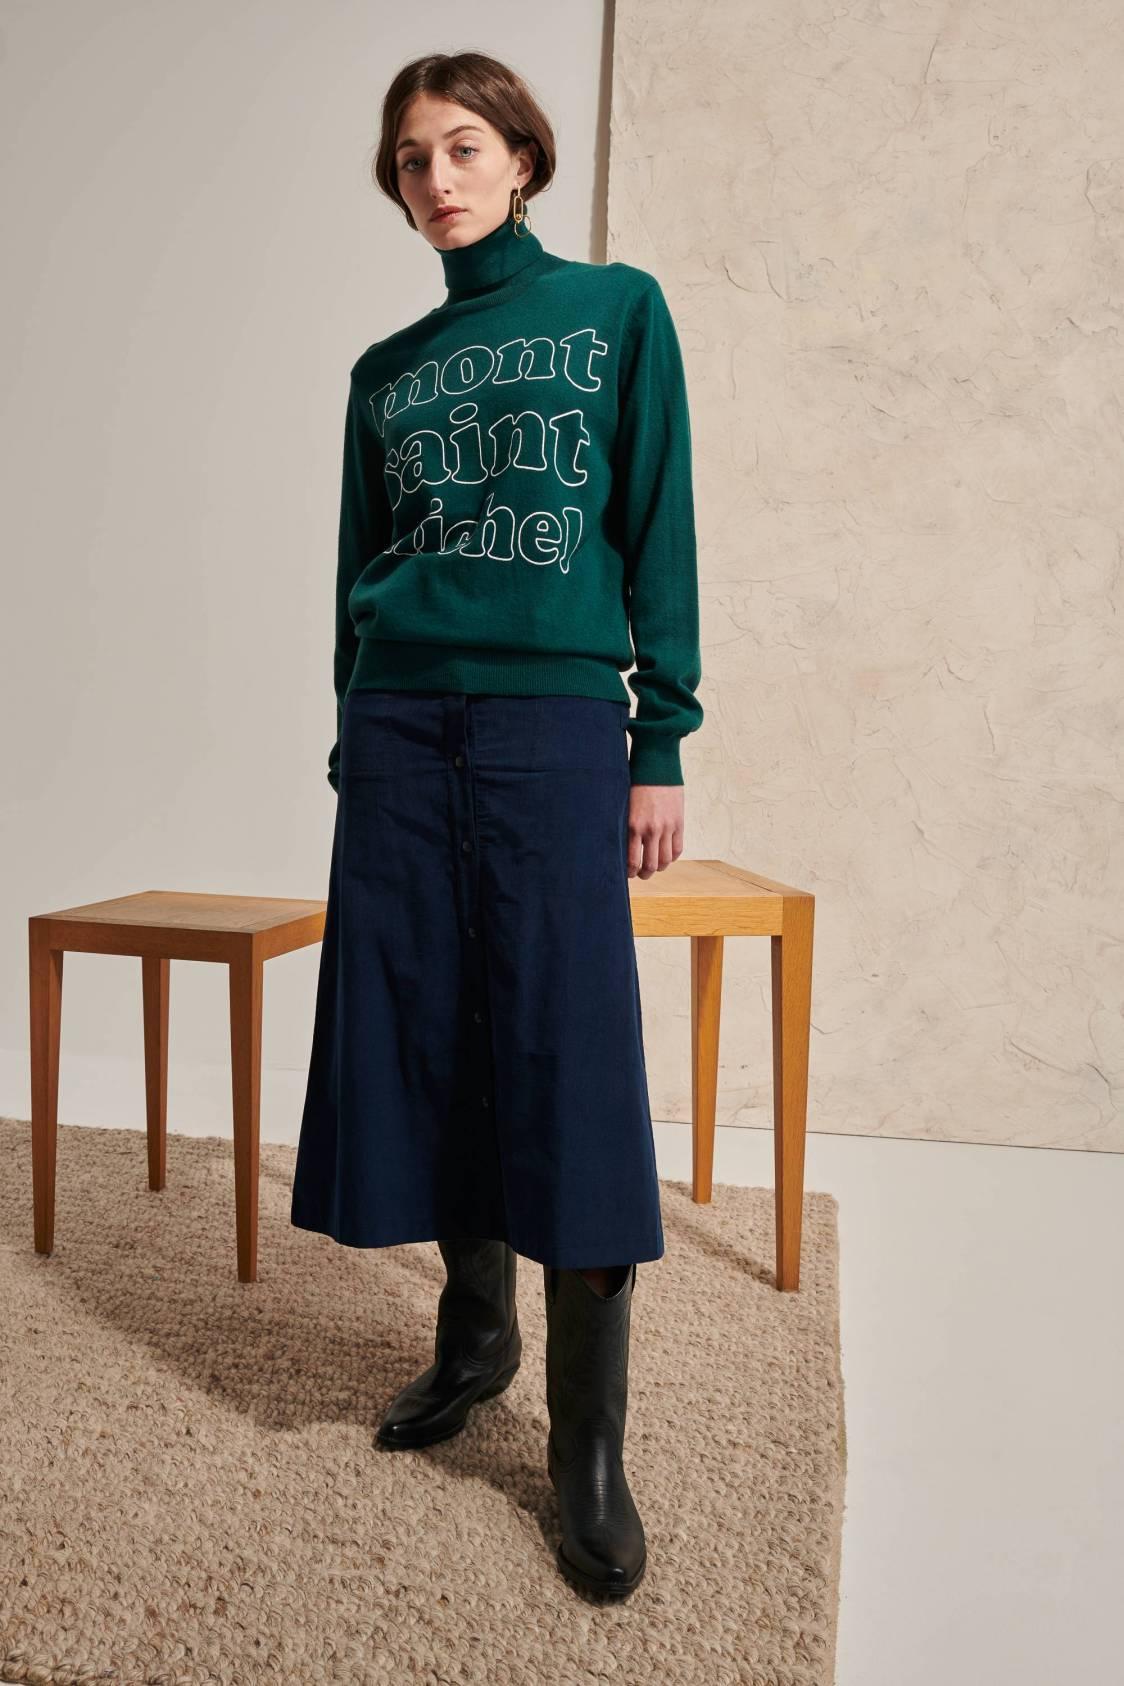 Screen-printed Sweater